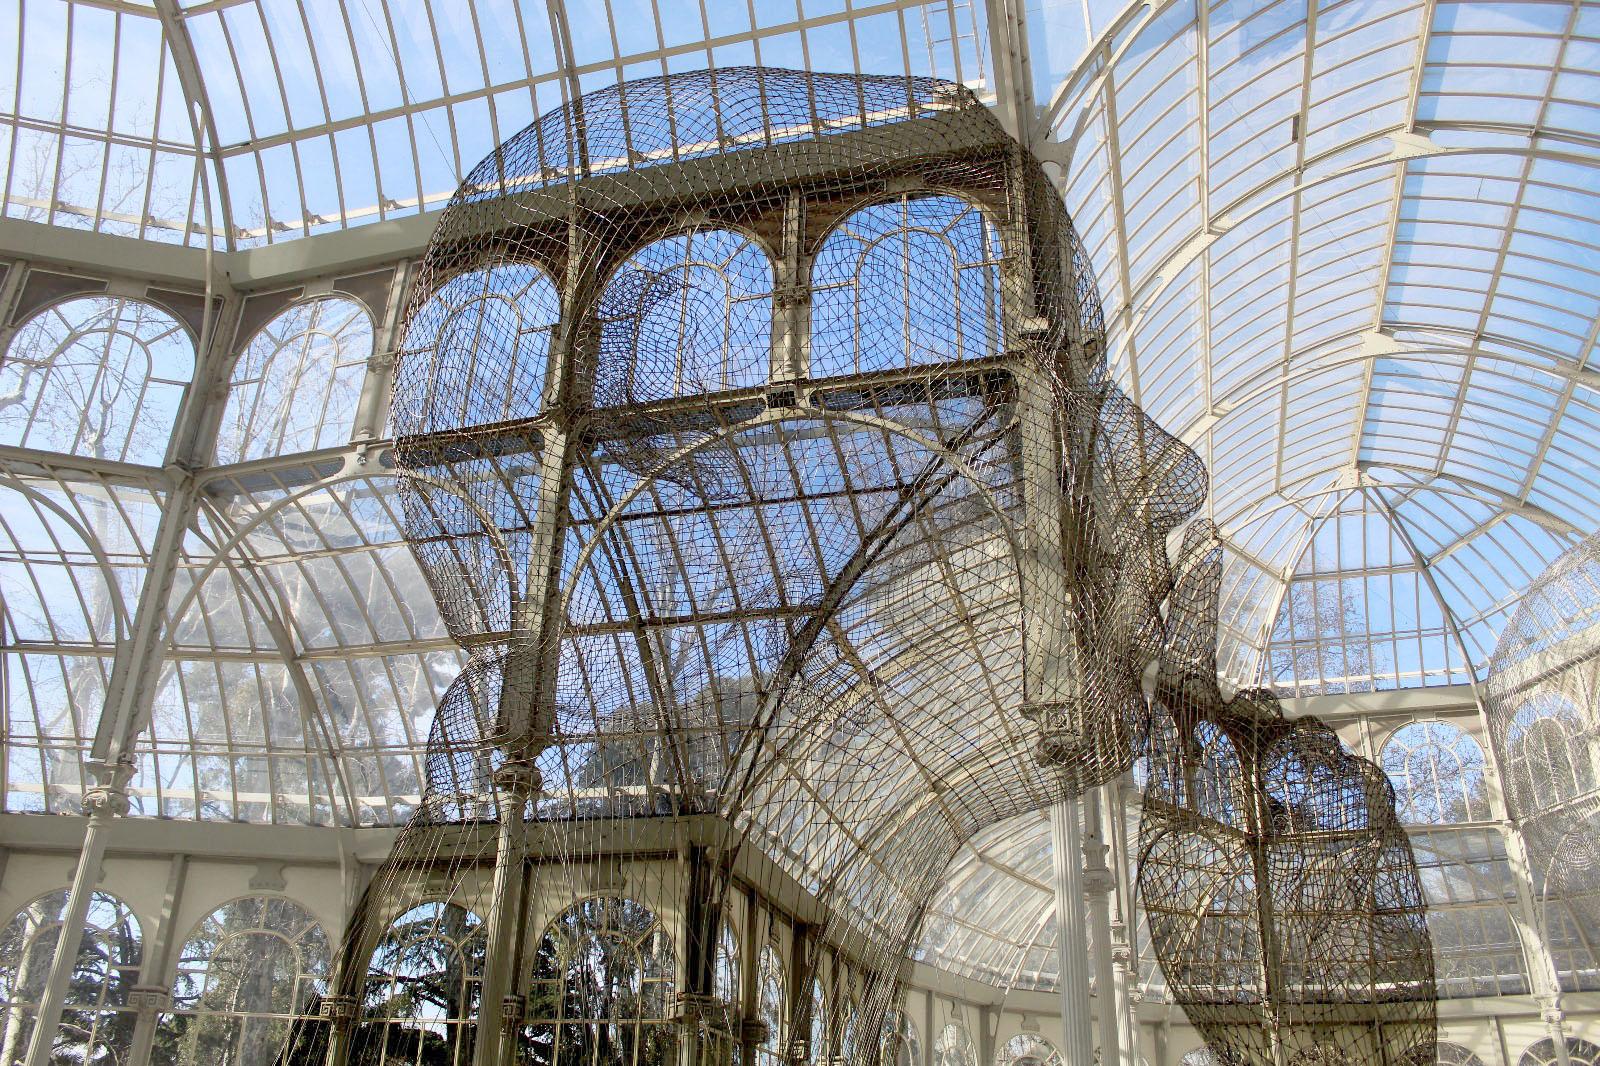 Escultura perteneciente a la exposición 'Invisibles' en el Palacio de Cristial, Parque del Retiro, Madrid.